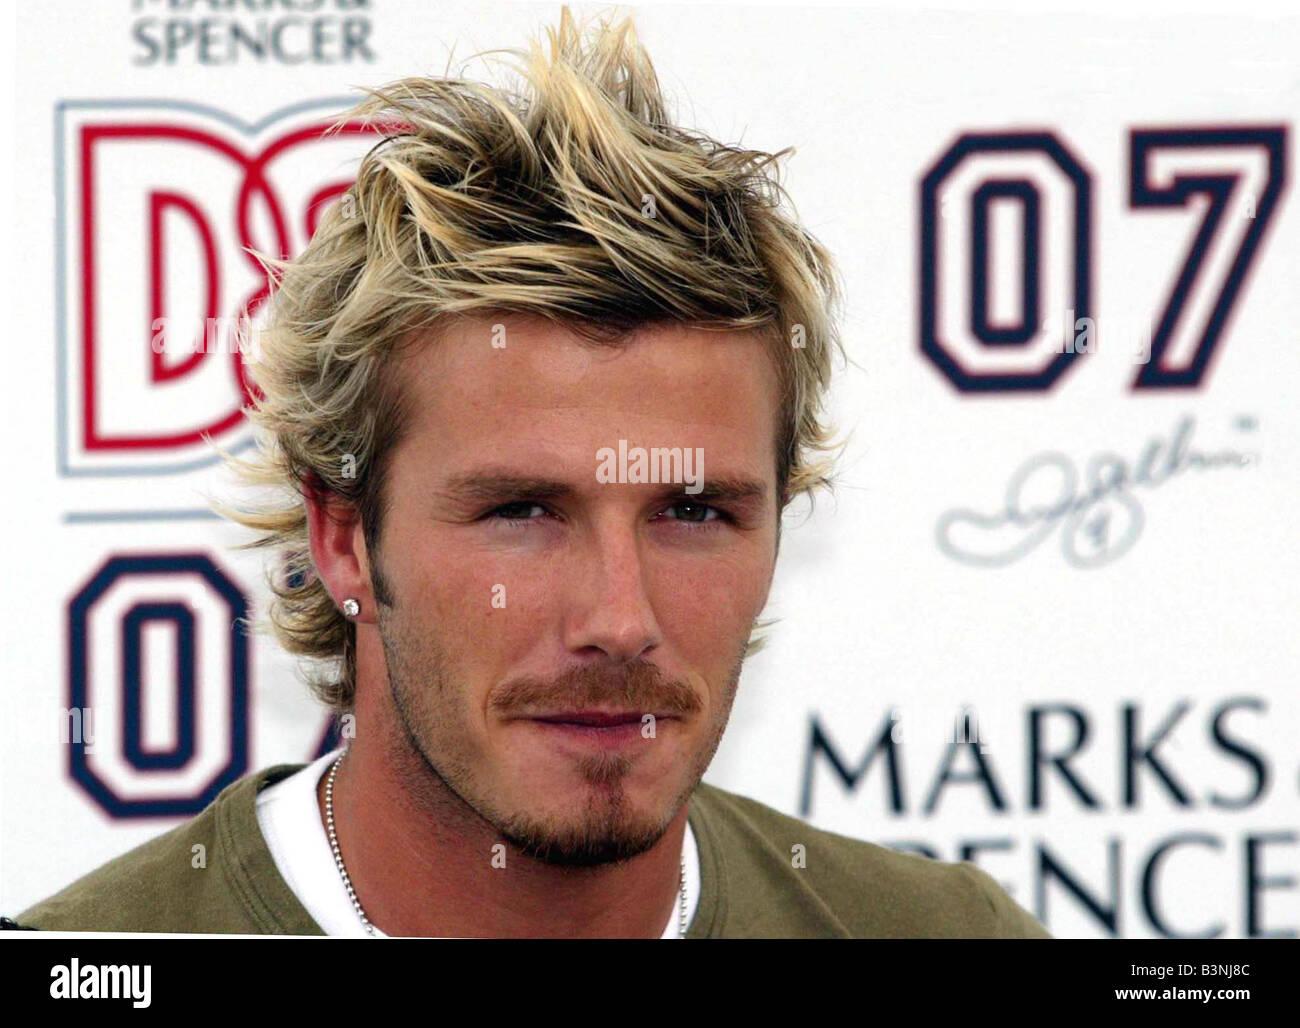 David Beckham Hair 2002 David Beckham Septembe...